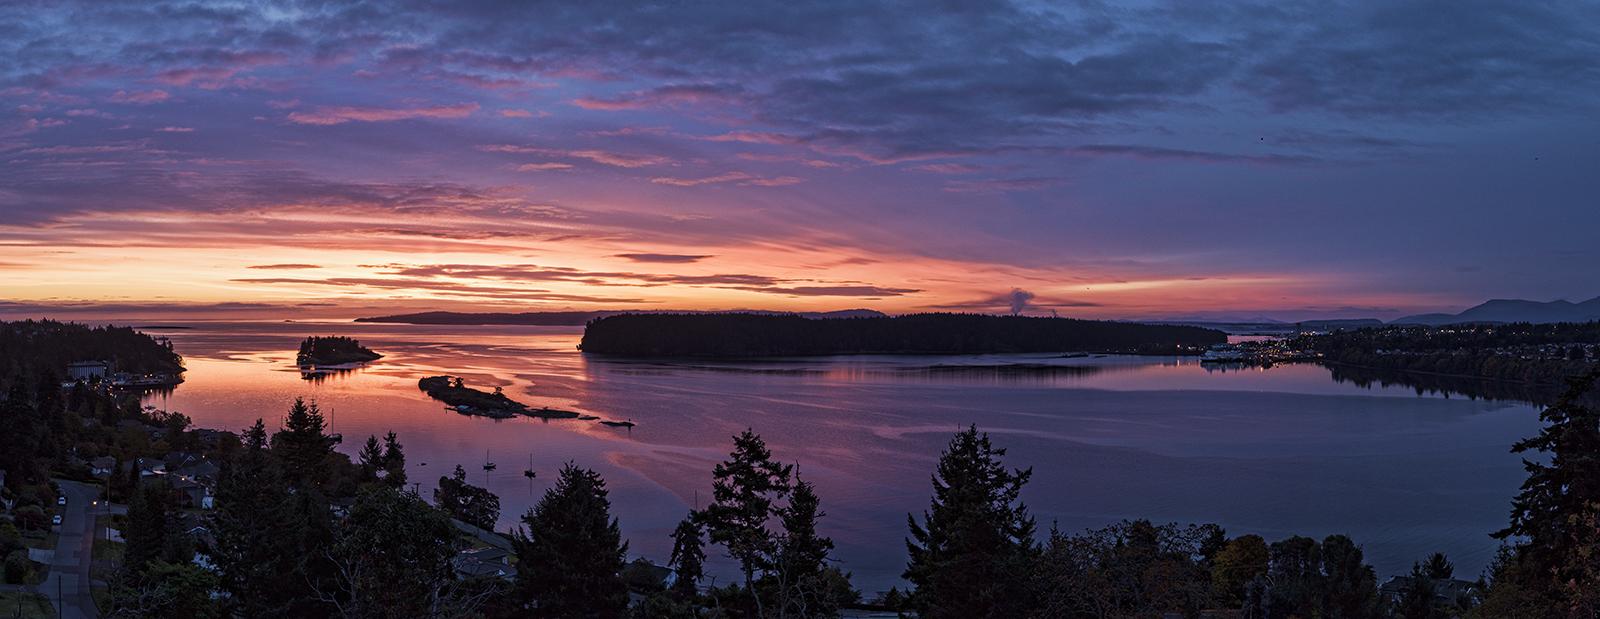 Panorama of Departure Bay at dawn